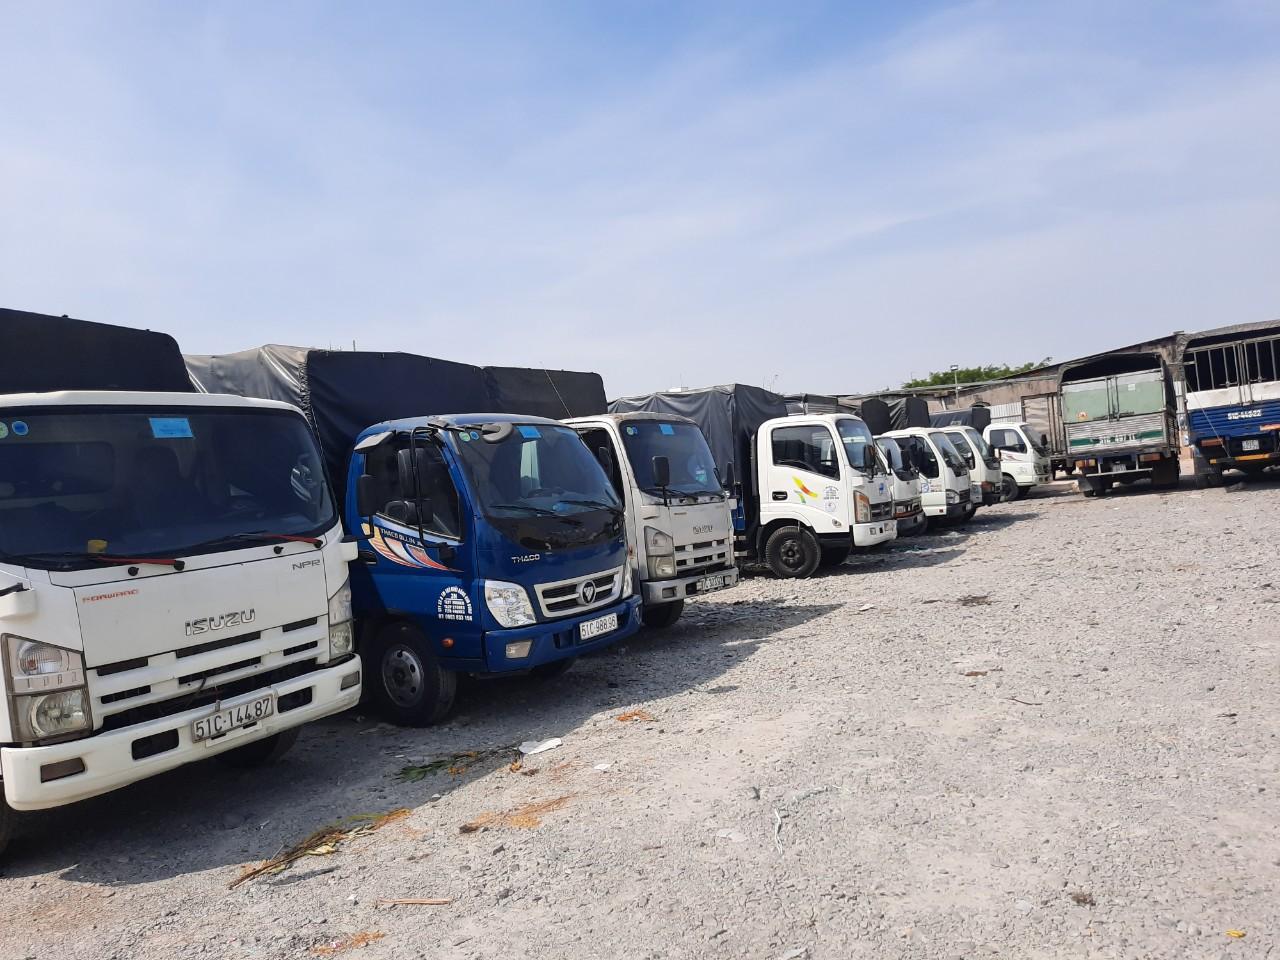 Xe tải chuyển nhà Quận 6 giá rẻ - công ty vận tải Lâm Sang